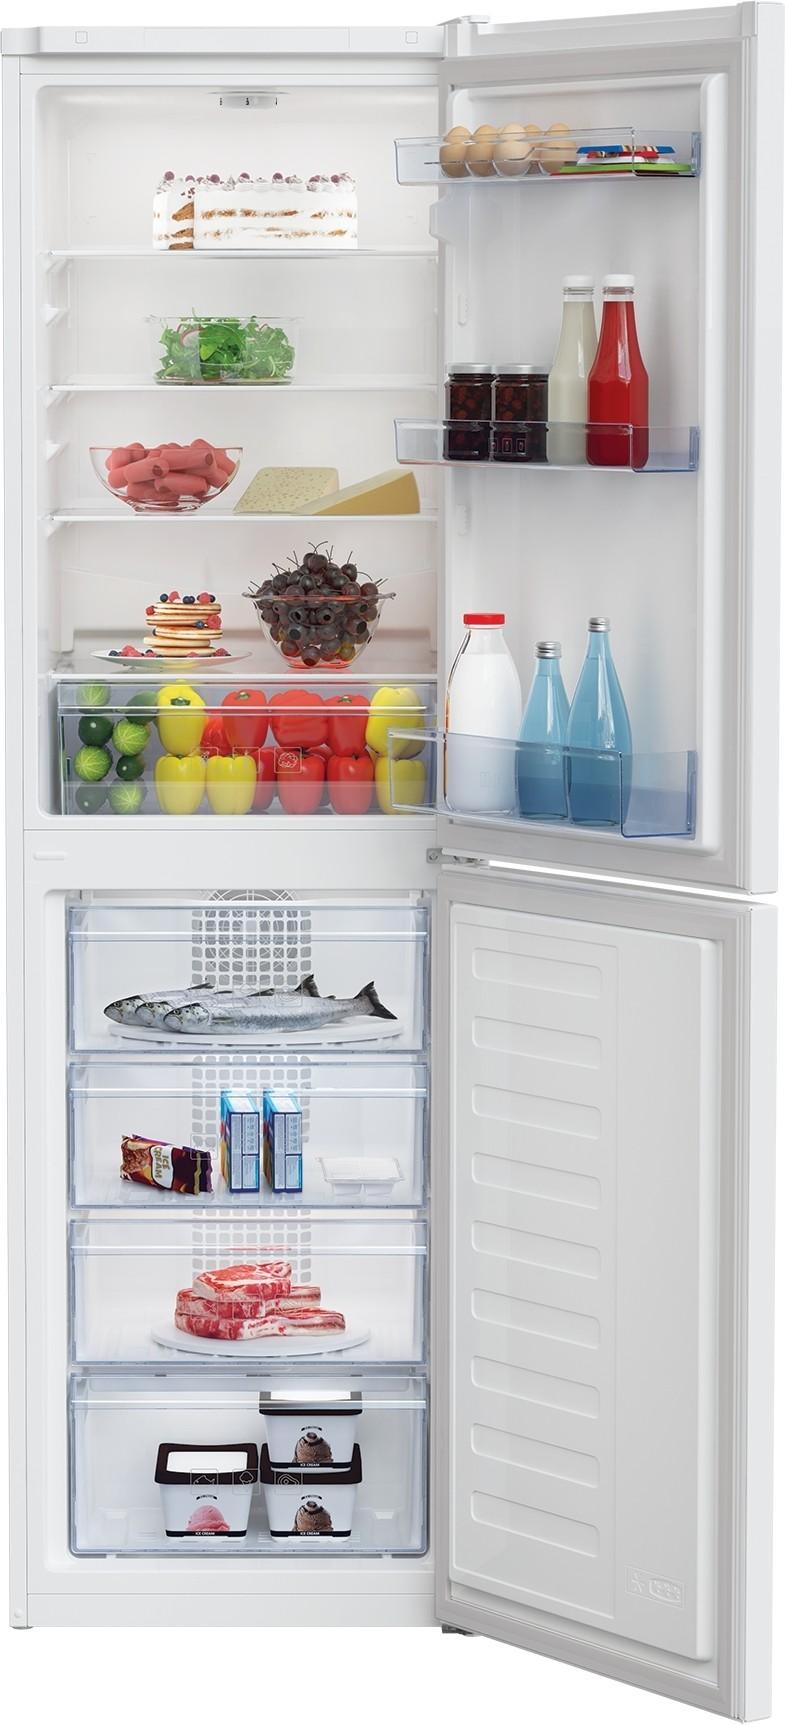 Beko CFG3582W Fridge Freezer